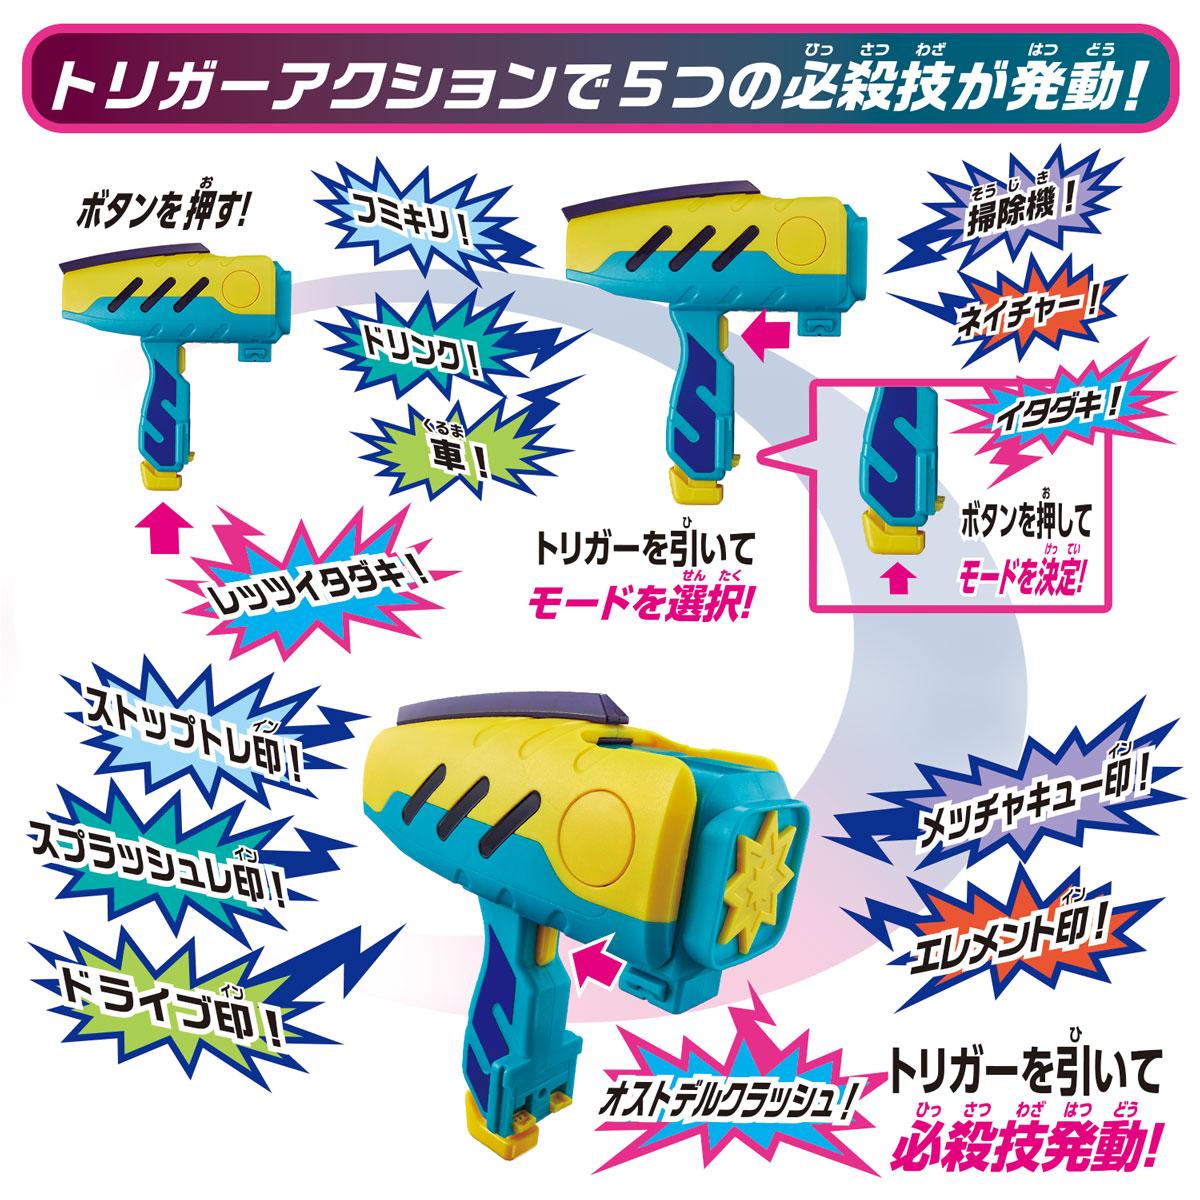 仮面ライダーリバイス 変身ベルト『DXオストデルハンマー50』変身なりきり-004